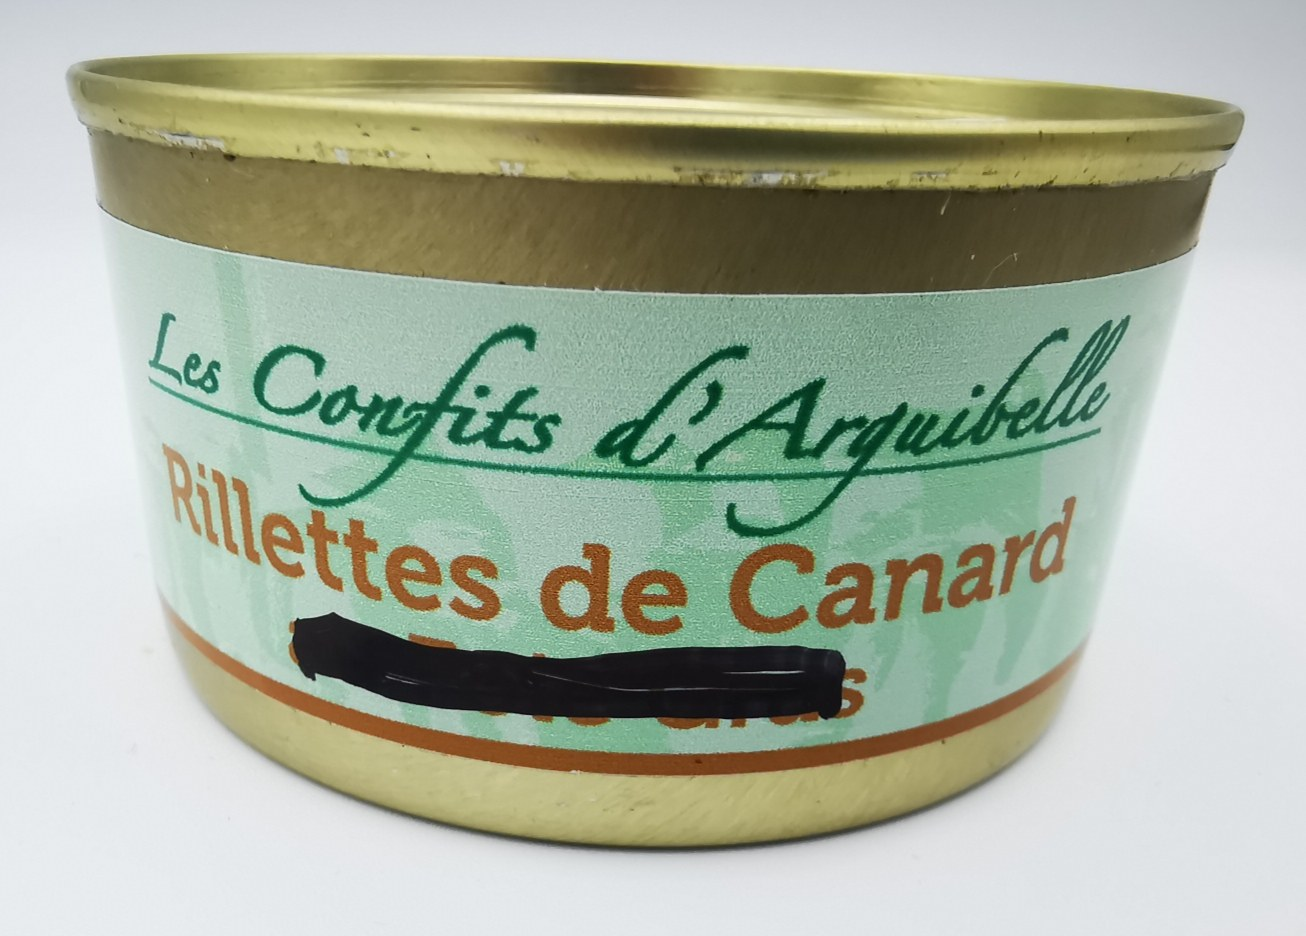 Rillettes de Canard - Les Confits D'Arguibelle - charcuterie - vallée d'aspe - local